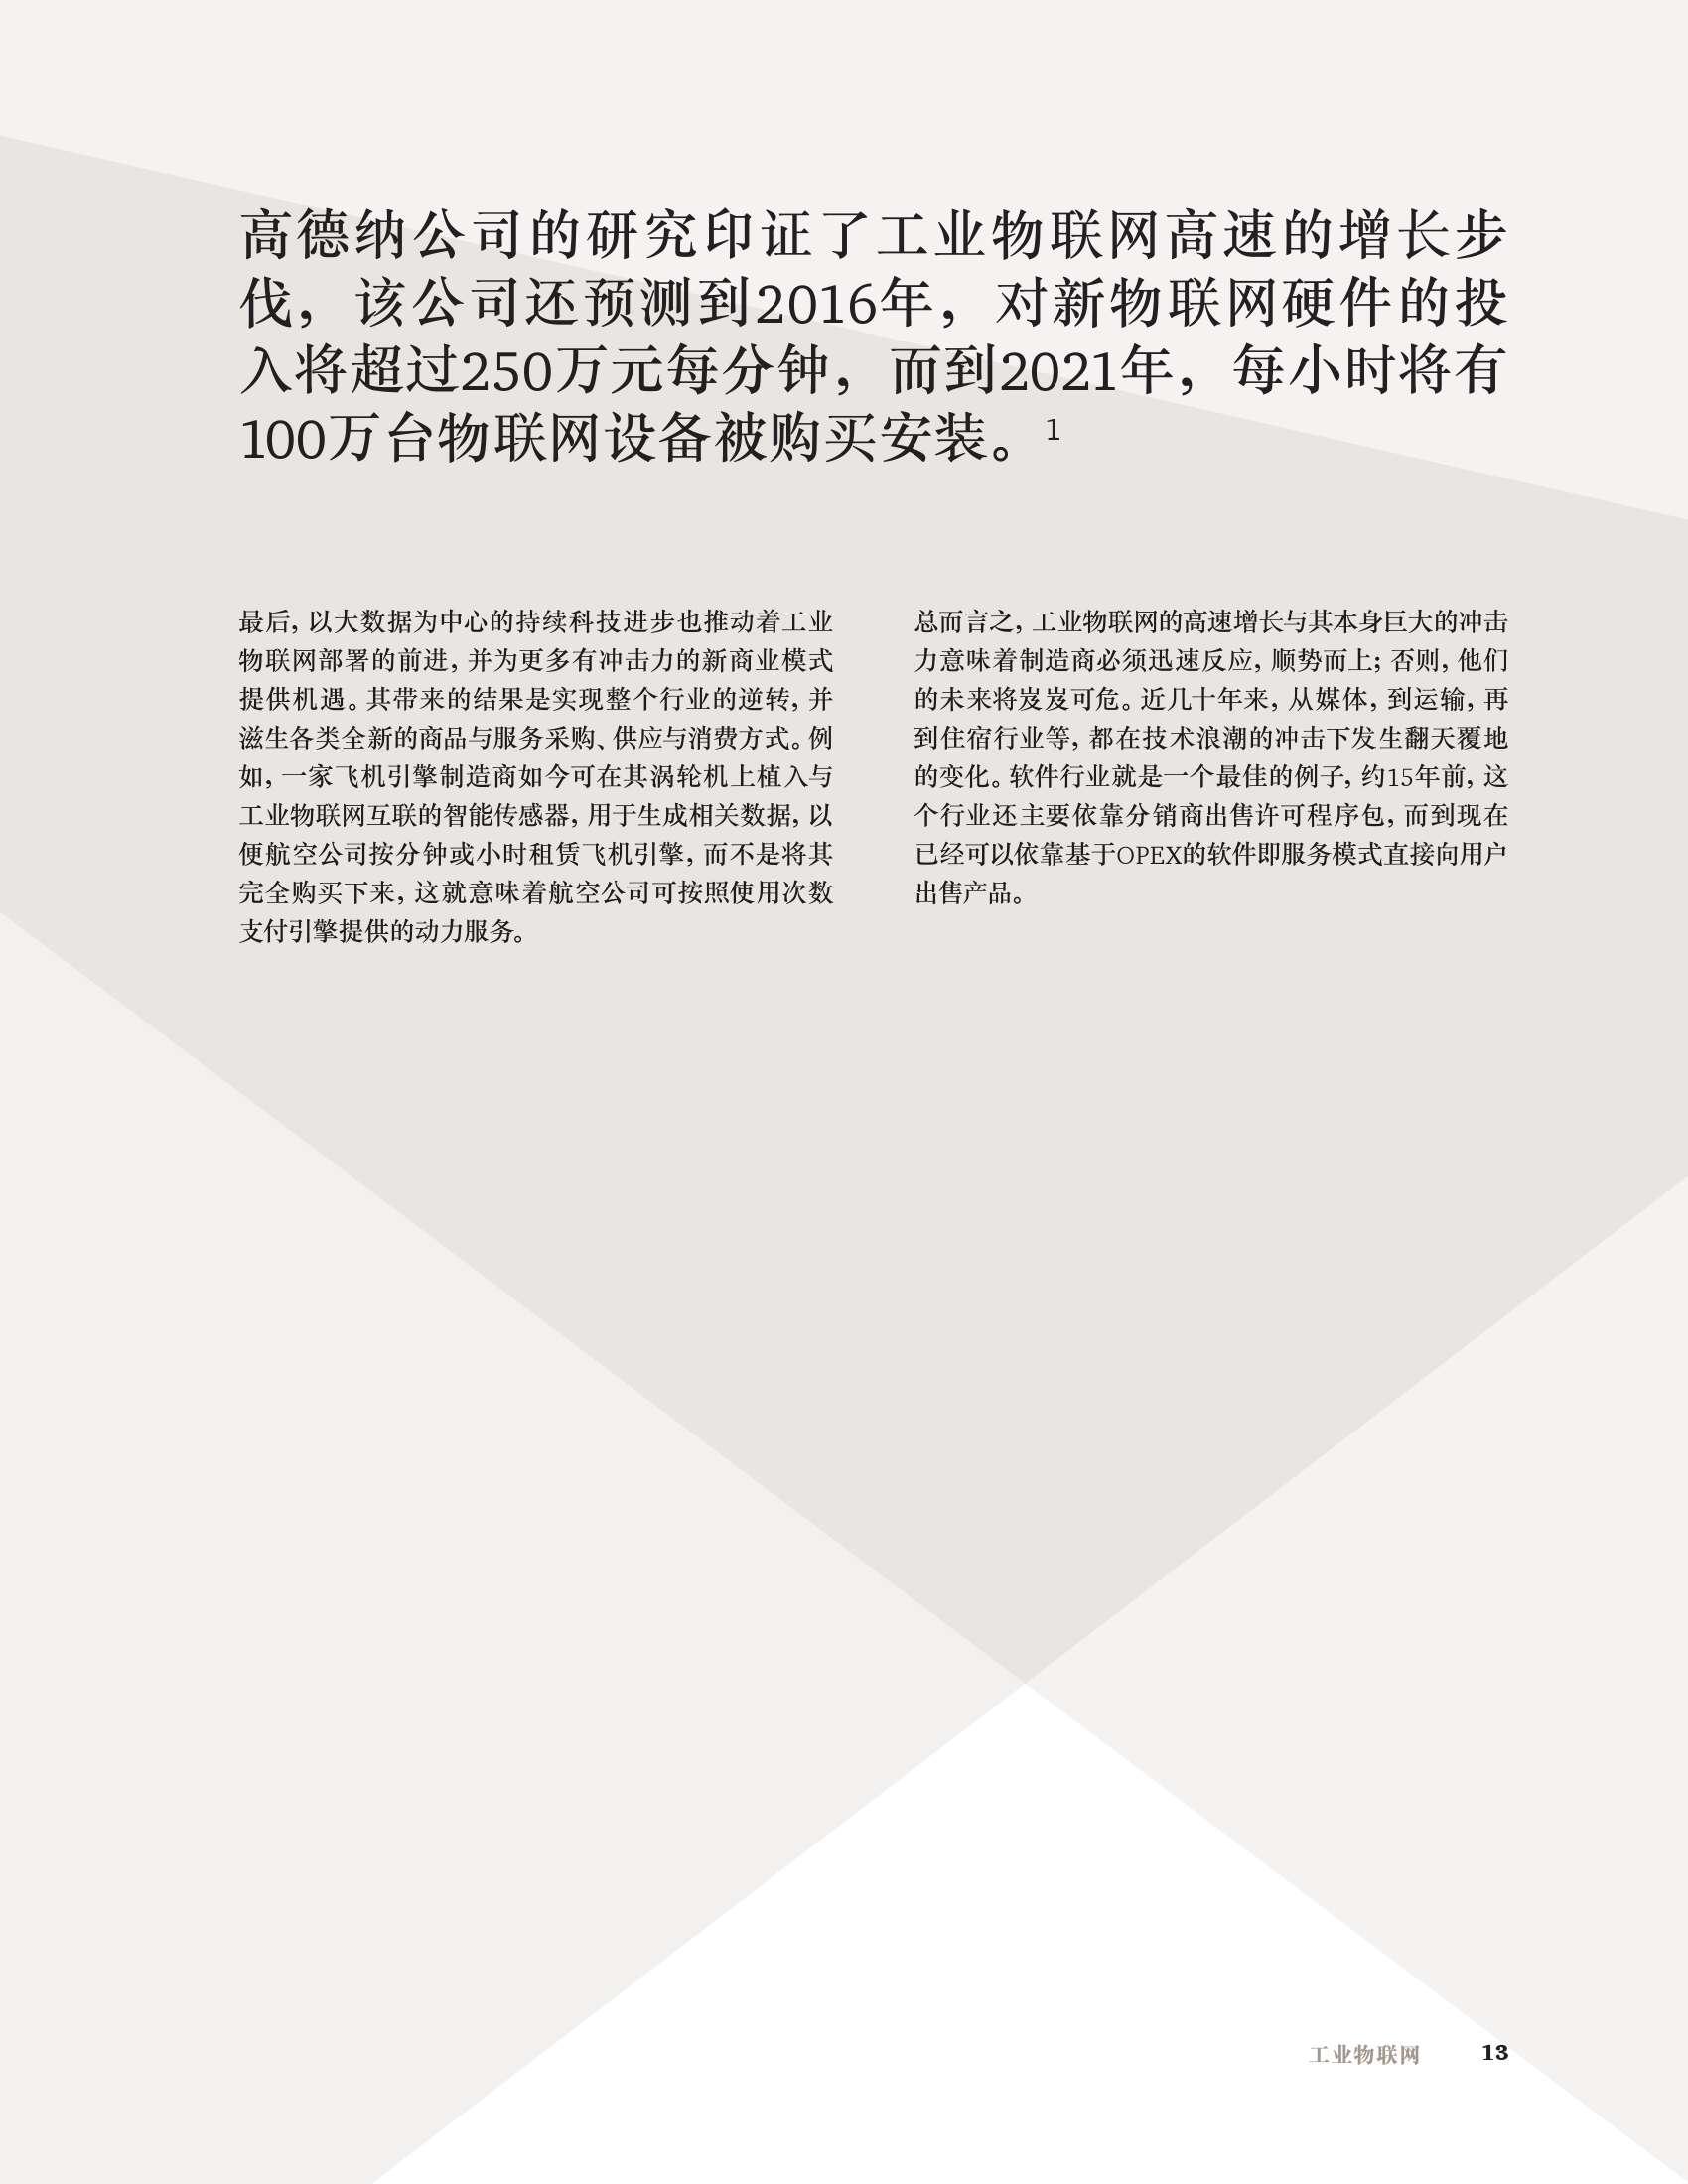 工业互联网_000015